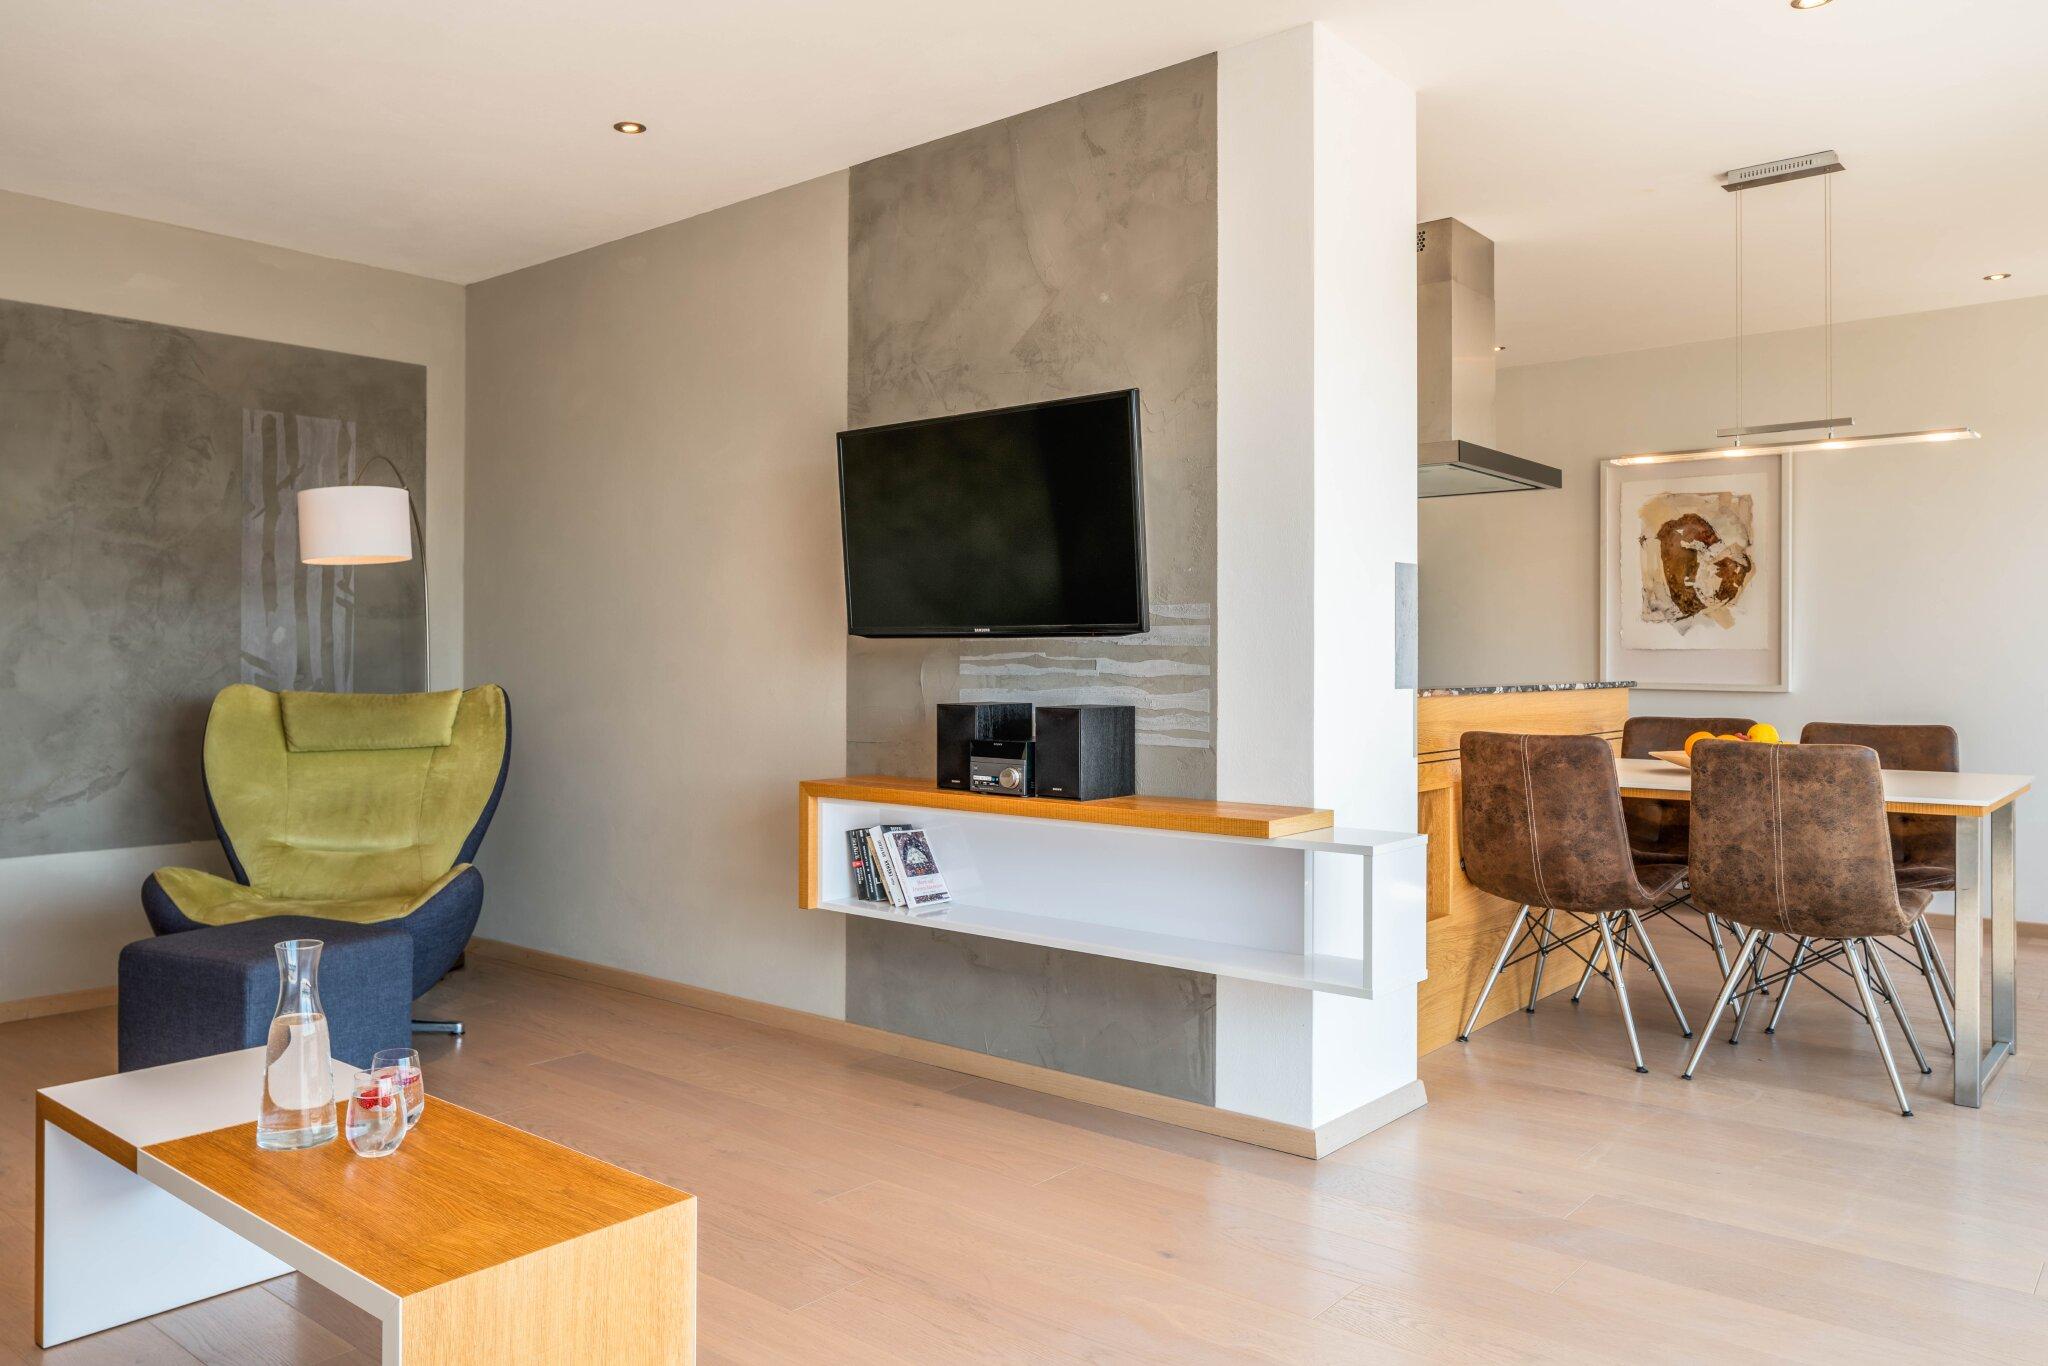 Zusatzbild Nr. 02 von Ferienhaus 'Lebensart am See' - Appartement 'Alpa-art'